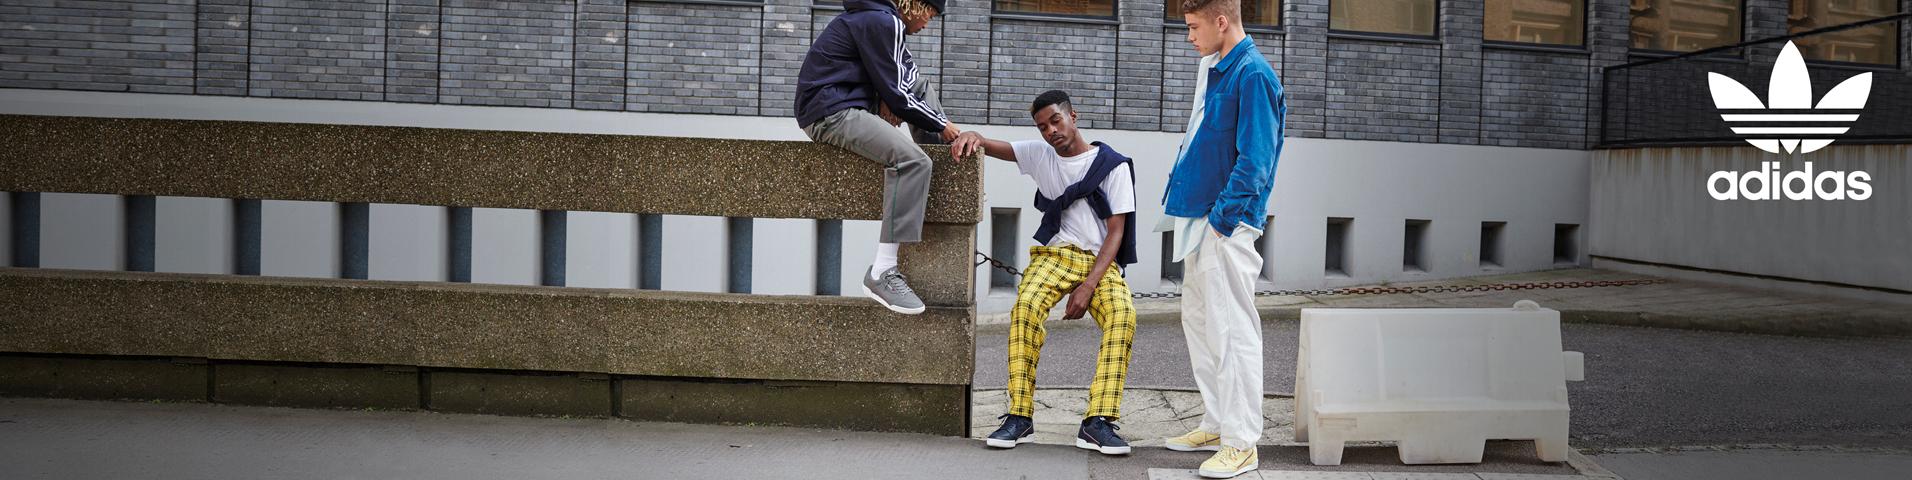 adidas original zalando homme